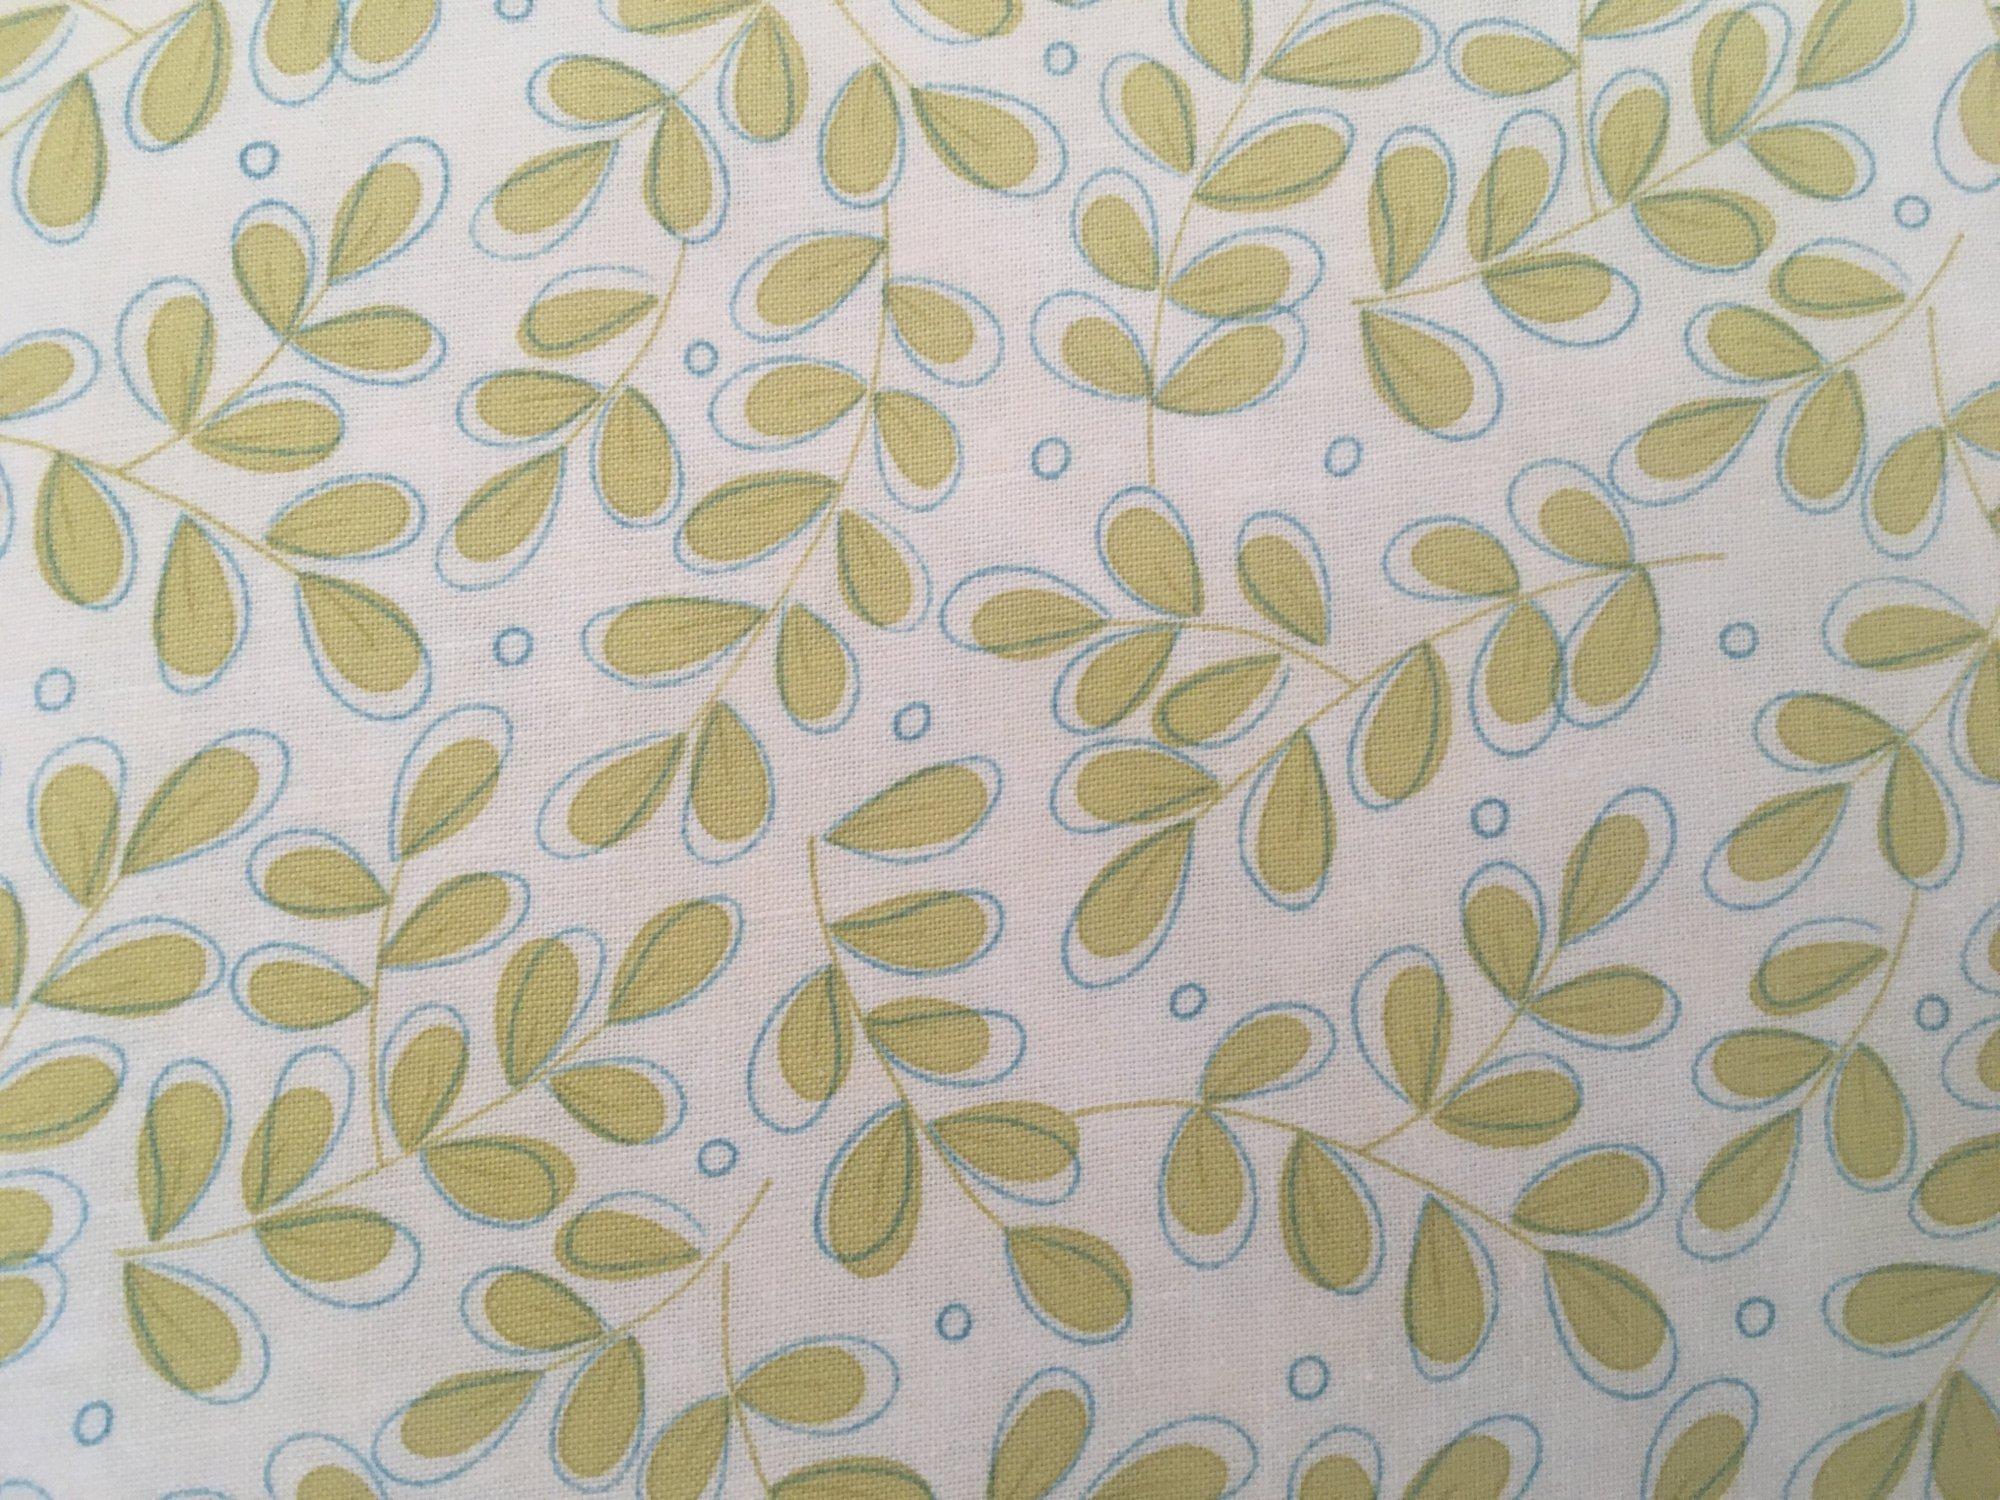 SOHO CHIC SPRING GREEN LEAVES ON CREAM 1774311 Moda